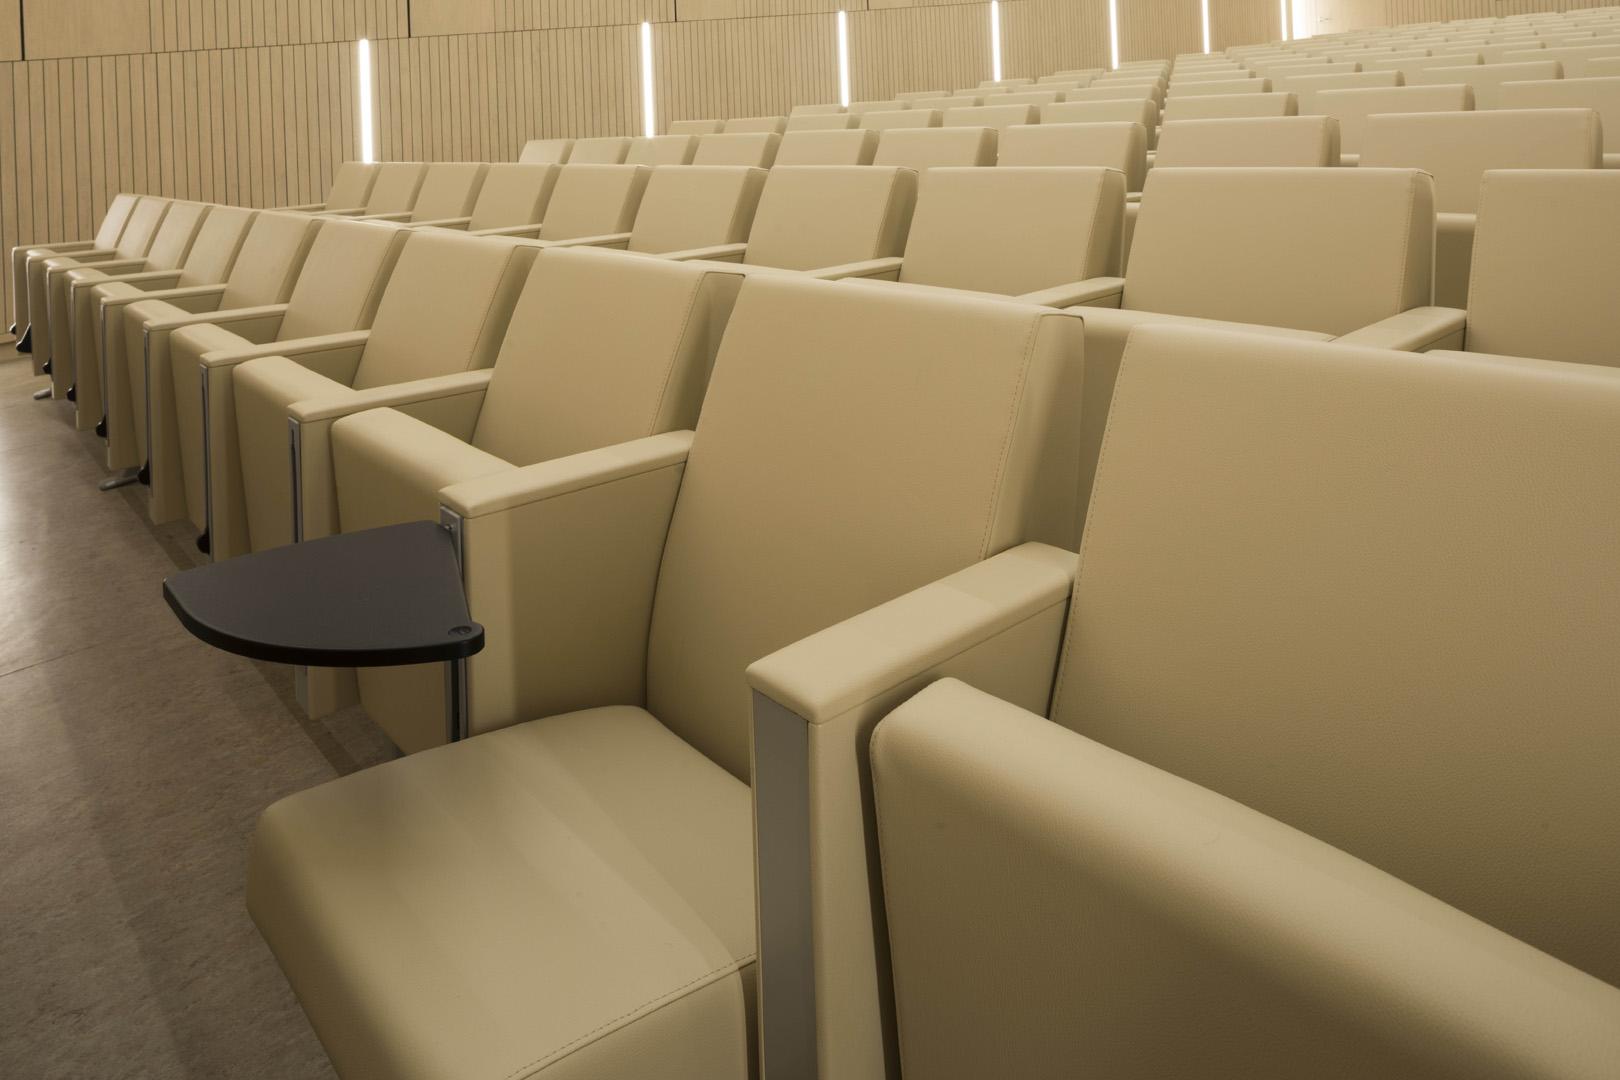 Colegio de Medicos - C100 armchair by LAMM